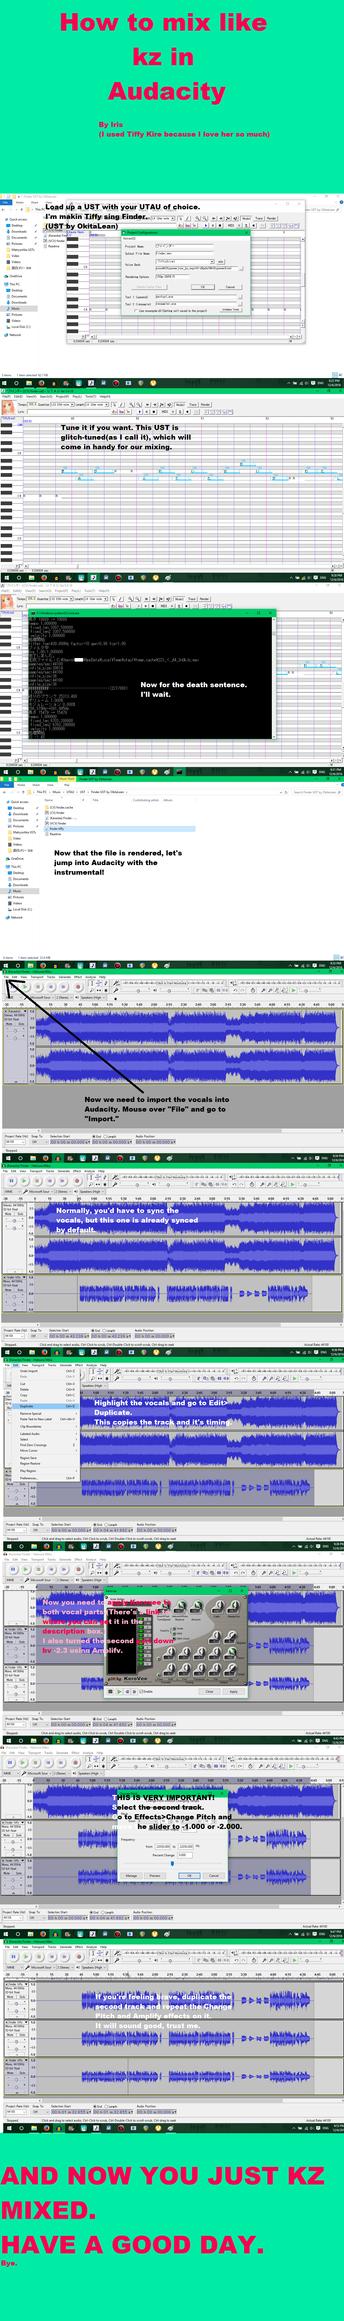 [TUTORIAL] How to mix UTAU like kz in Audacity by awesomejellystar